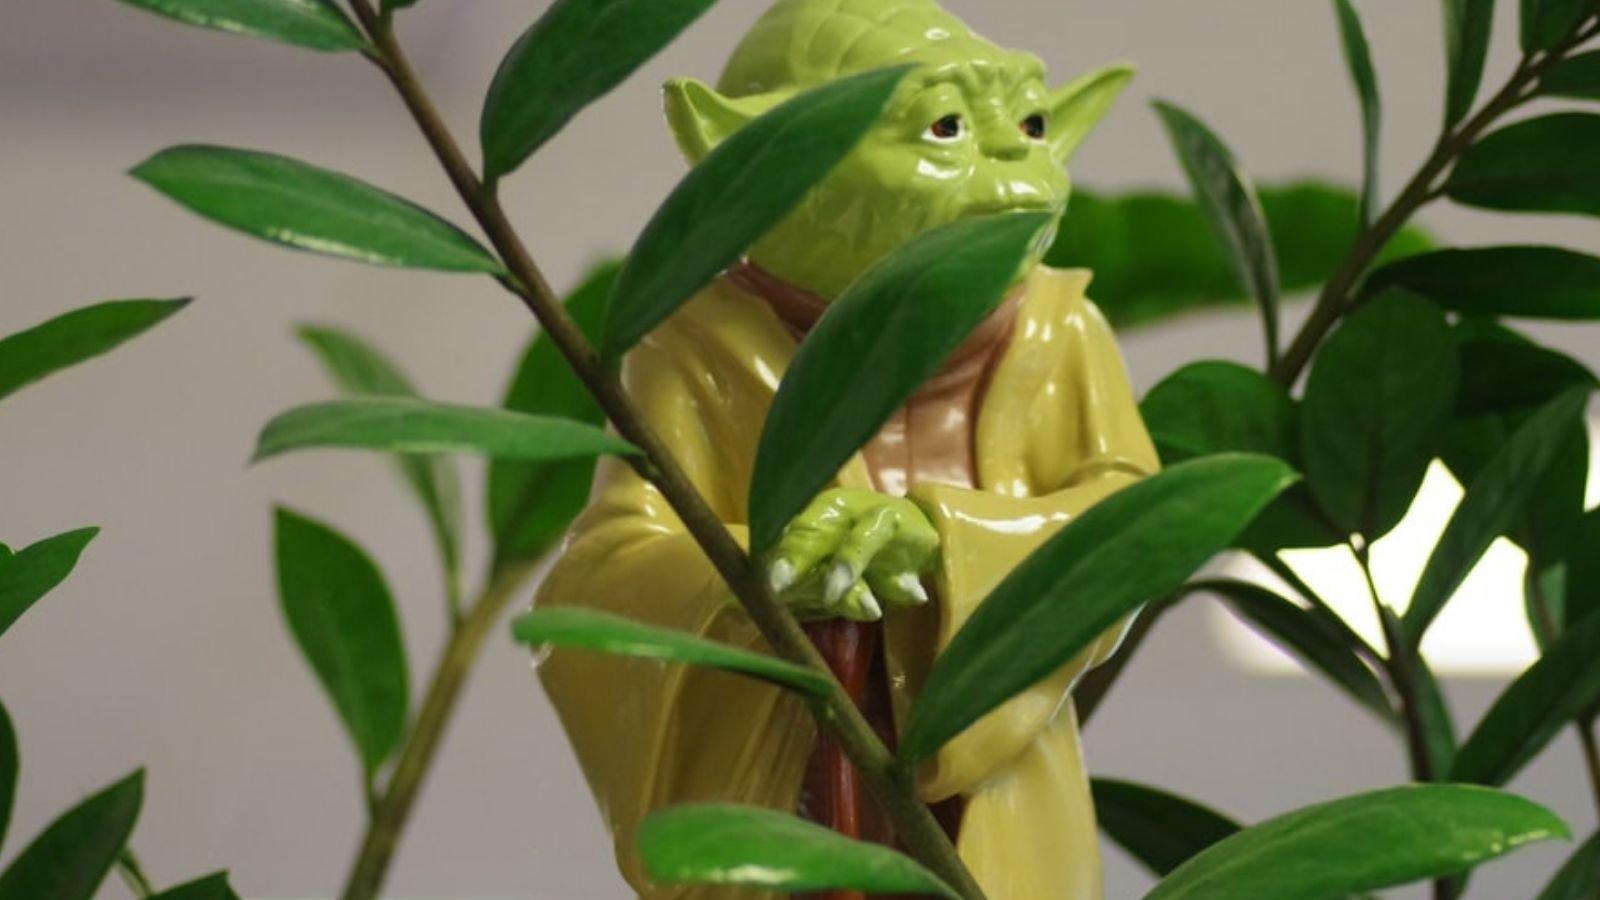 yoda green mentor